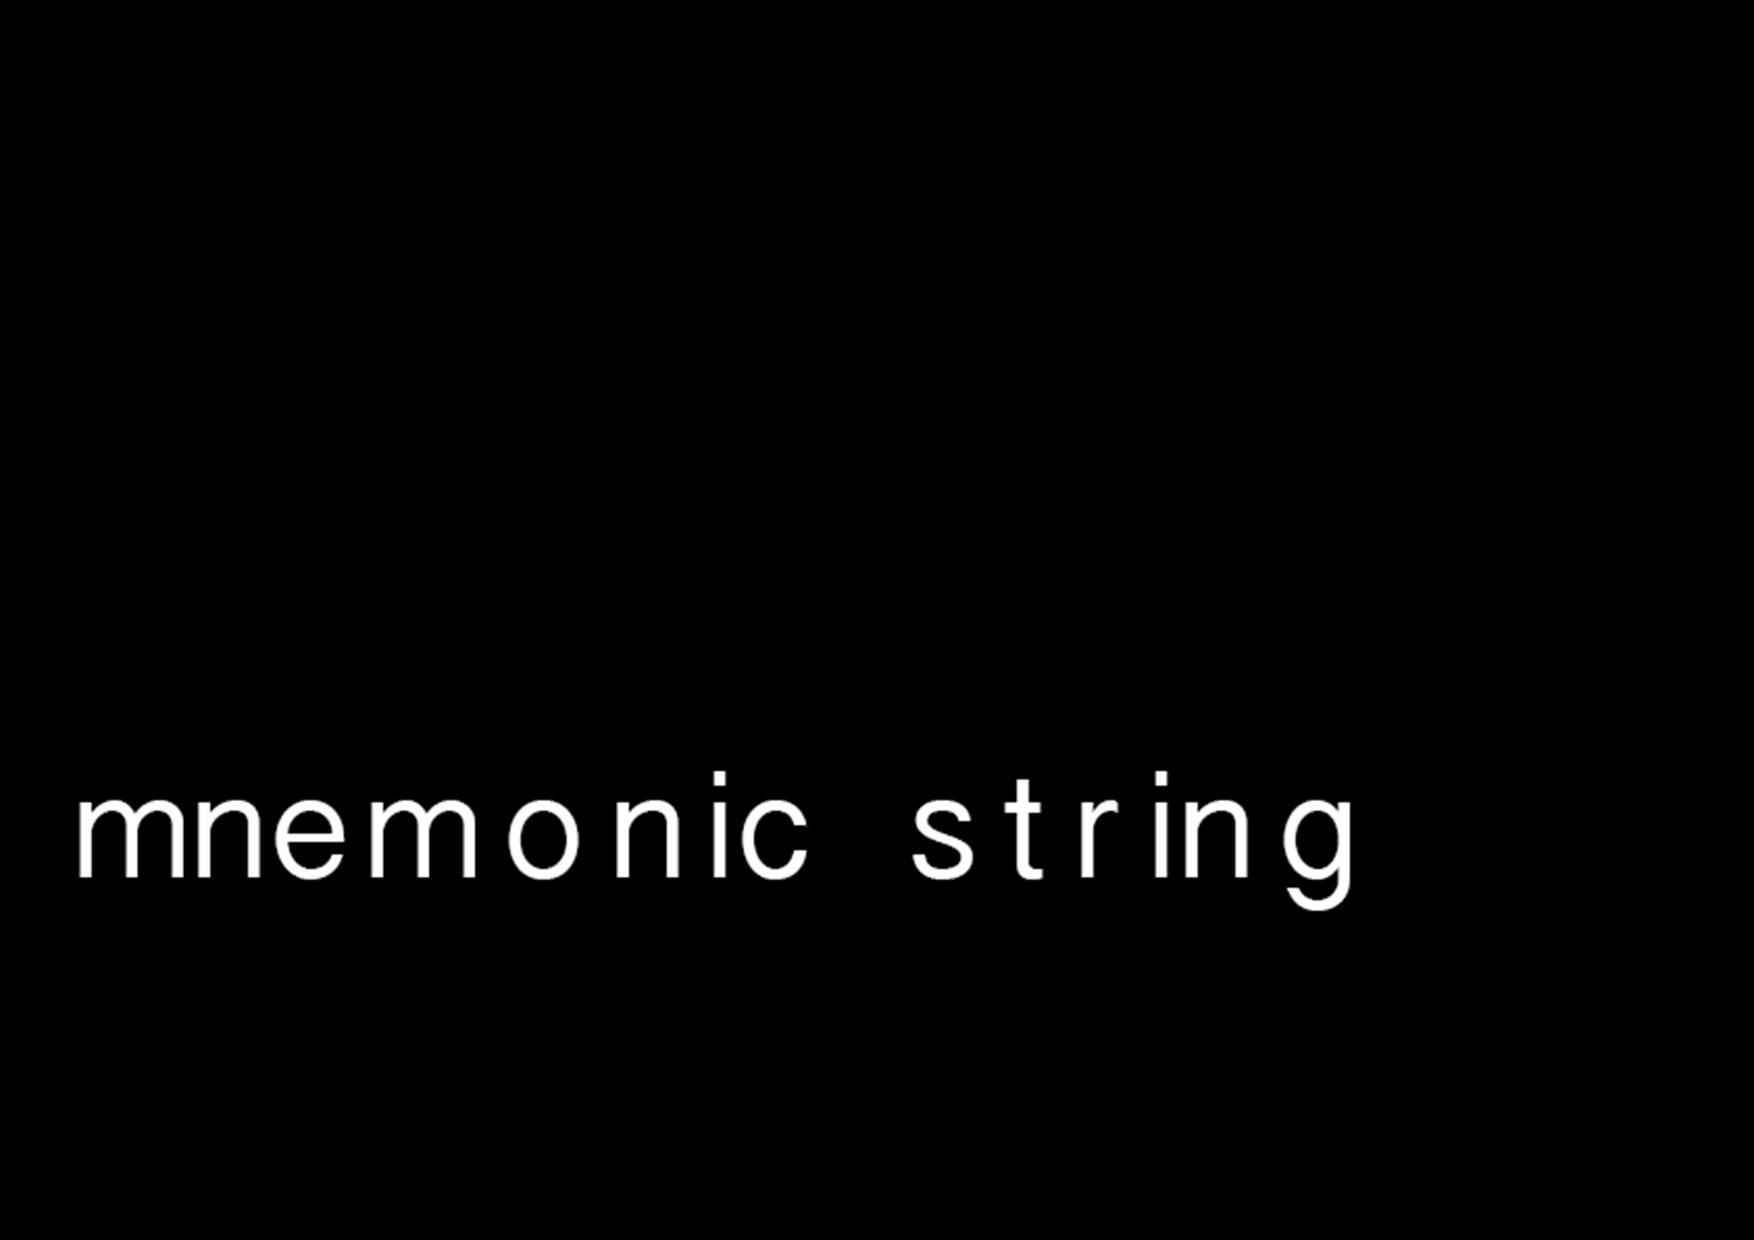 mnemonicstring2